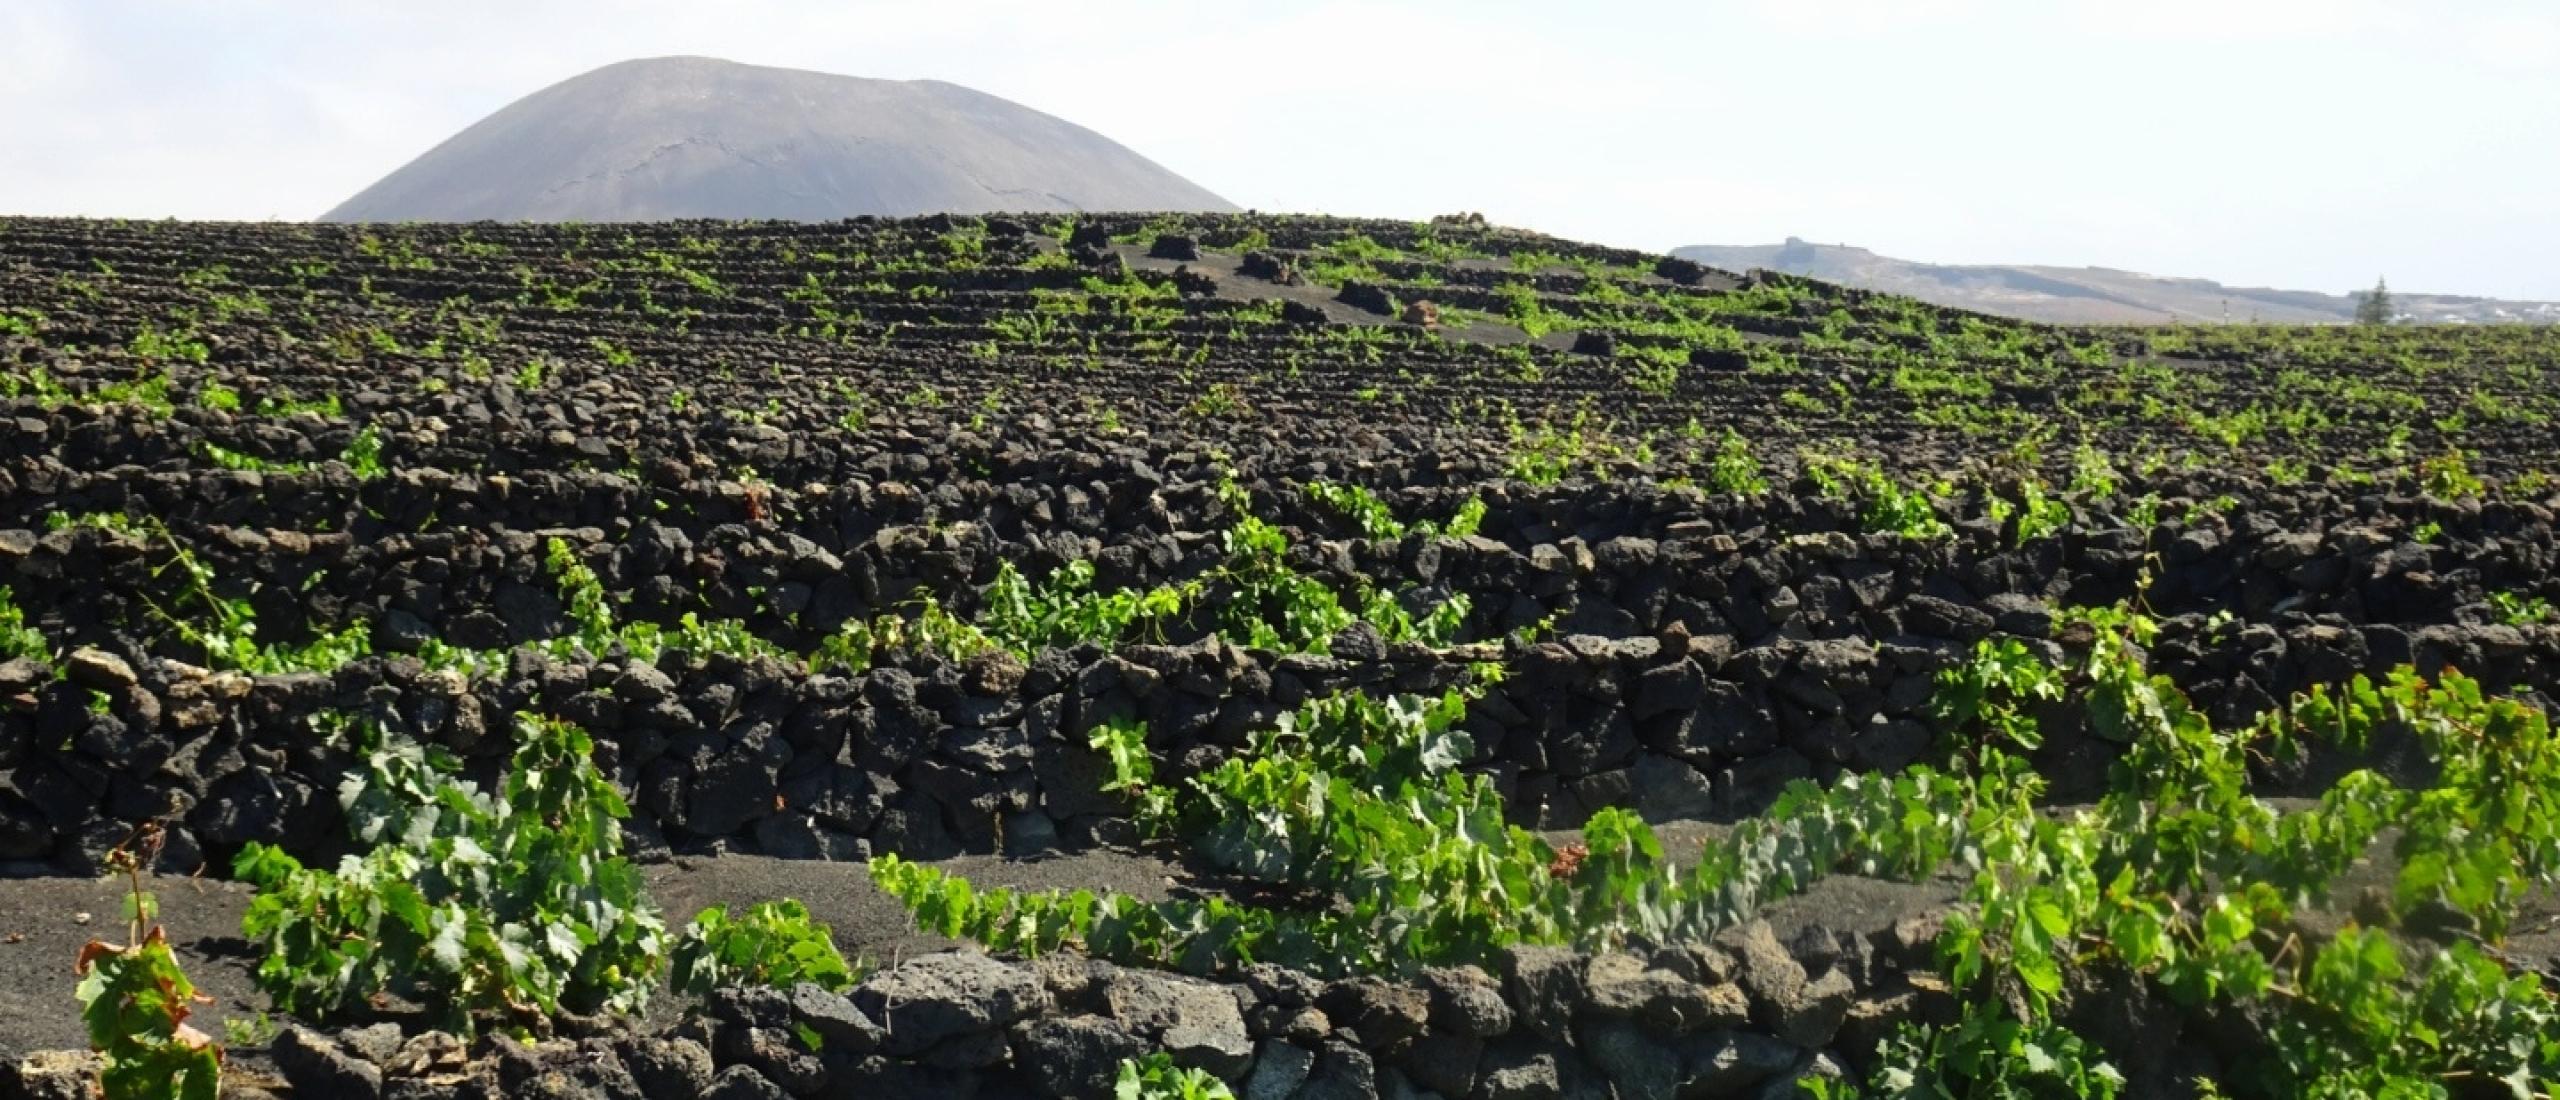 La Geria, uniek wijngebied op Lanzarote